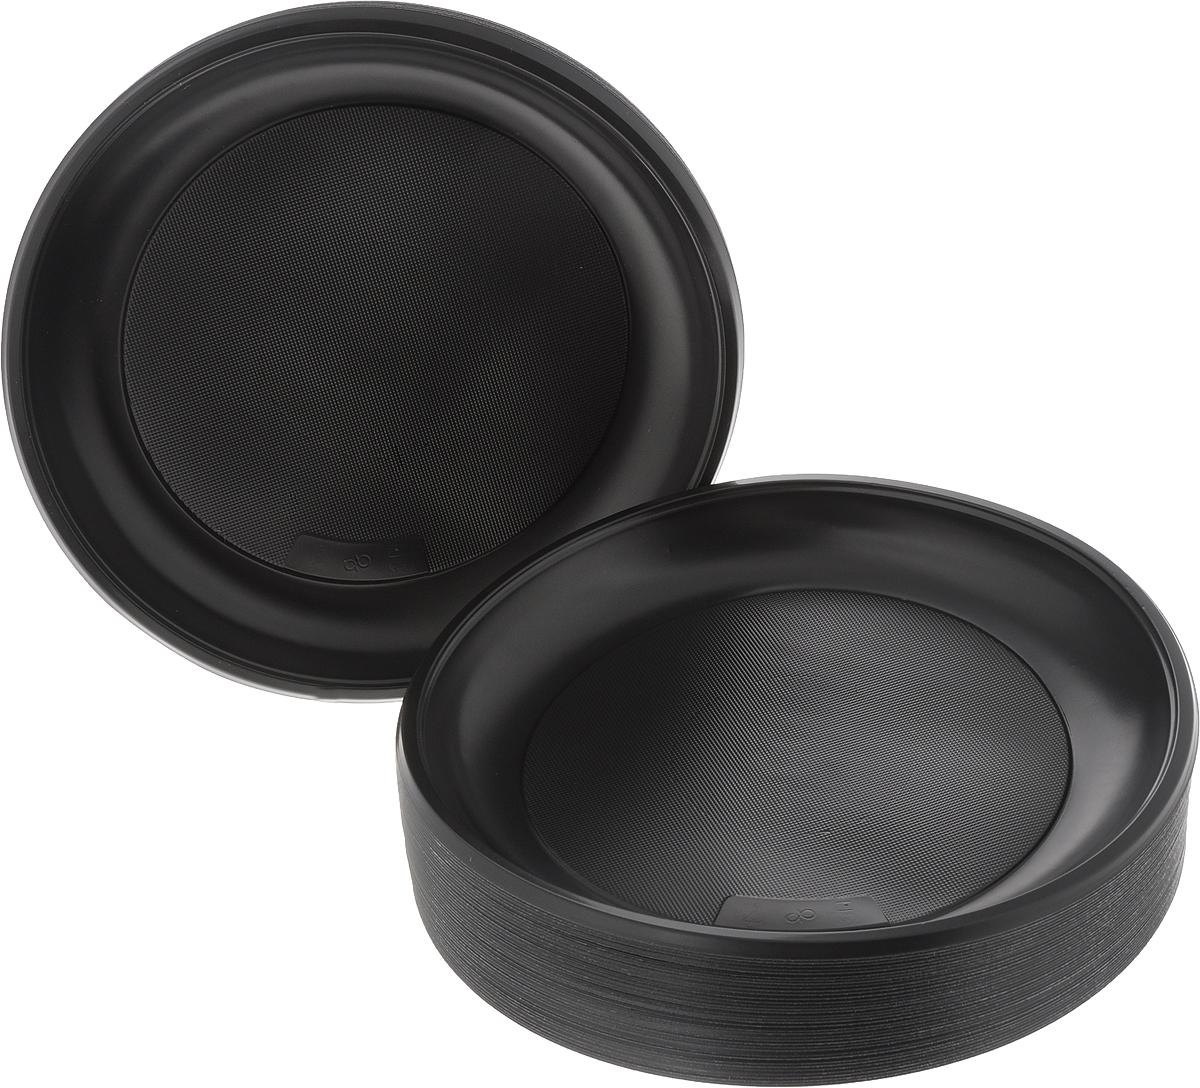 Набор одноразовых тарелок Интеко, диаметр 22 см, 50 штПОС26361Набор Интеко состоит из 50 бессекционных тарелок, выполненных из полипропилена. Набор предназначен для одноразового использования. Одноразовые тарелки незаменимы в поездках на природу и на пикниках. Они не займут много места, легкие и прочные, а самое главное - после использования их не надо мыть.